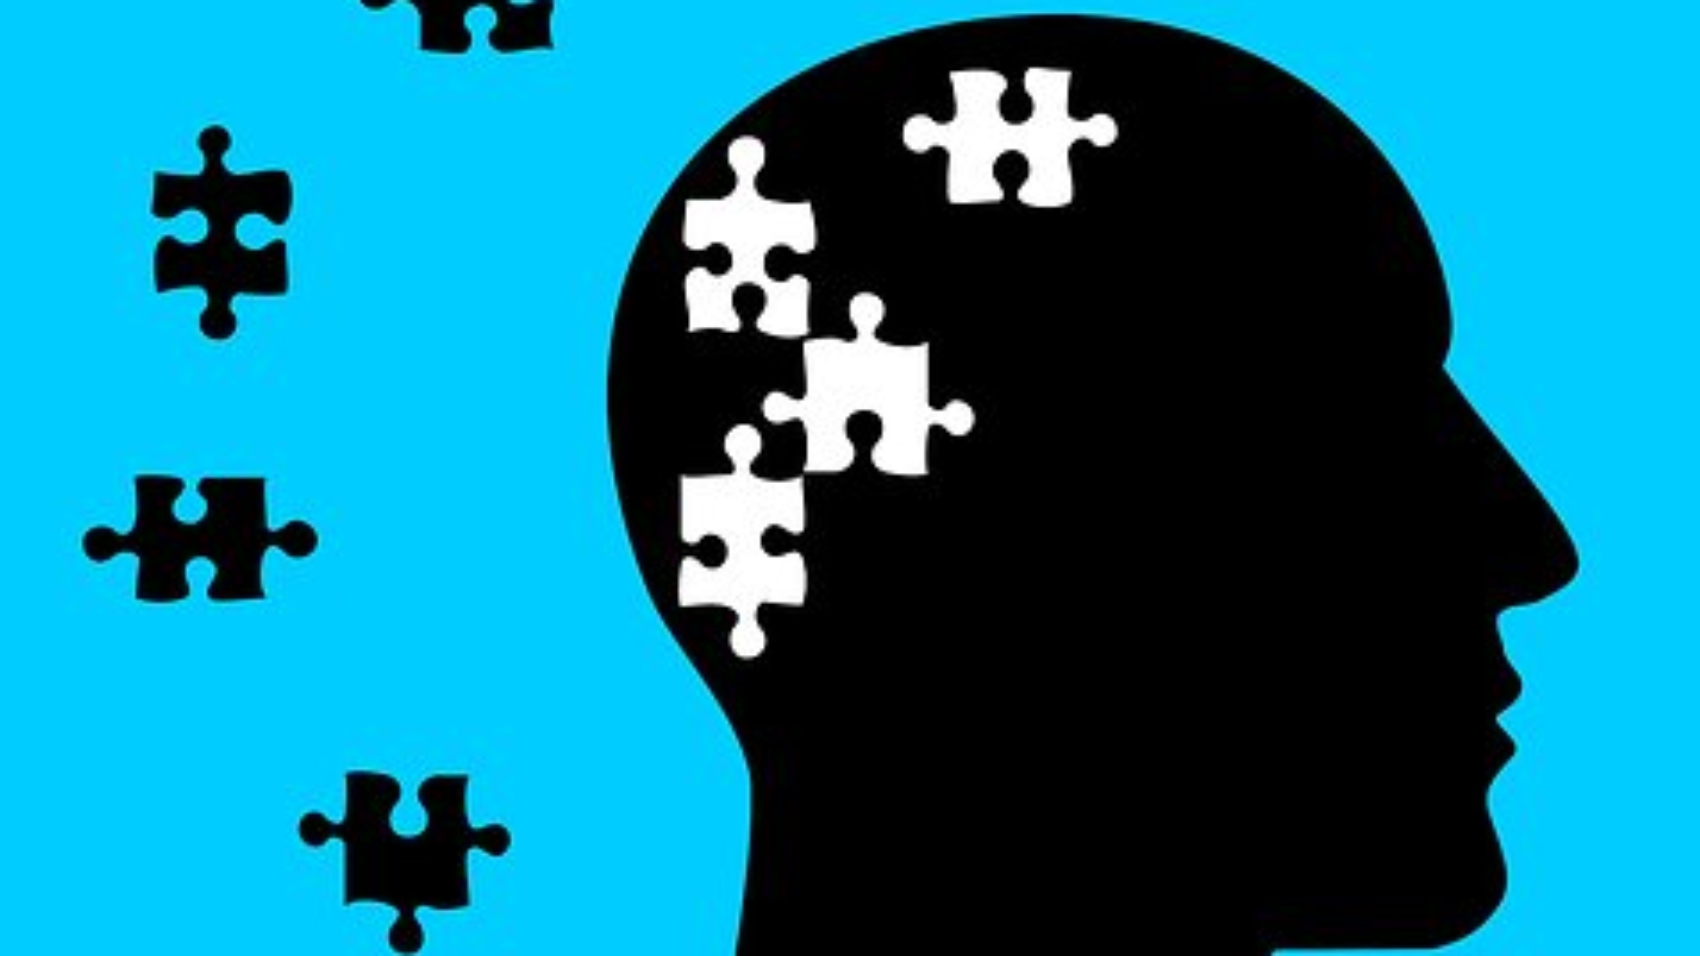 Mitos_sobre_trastornos_mentales